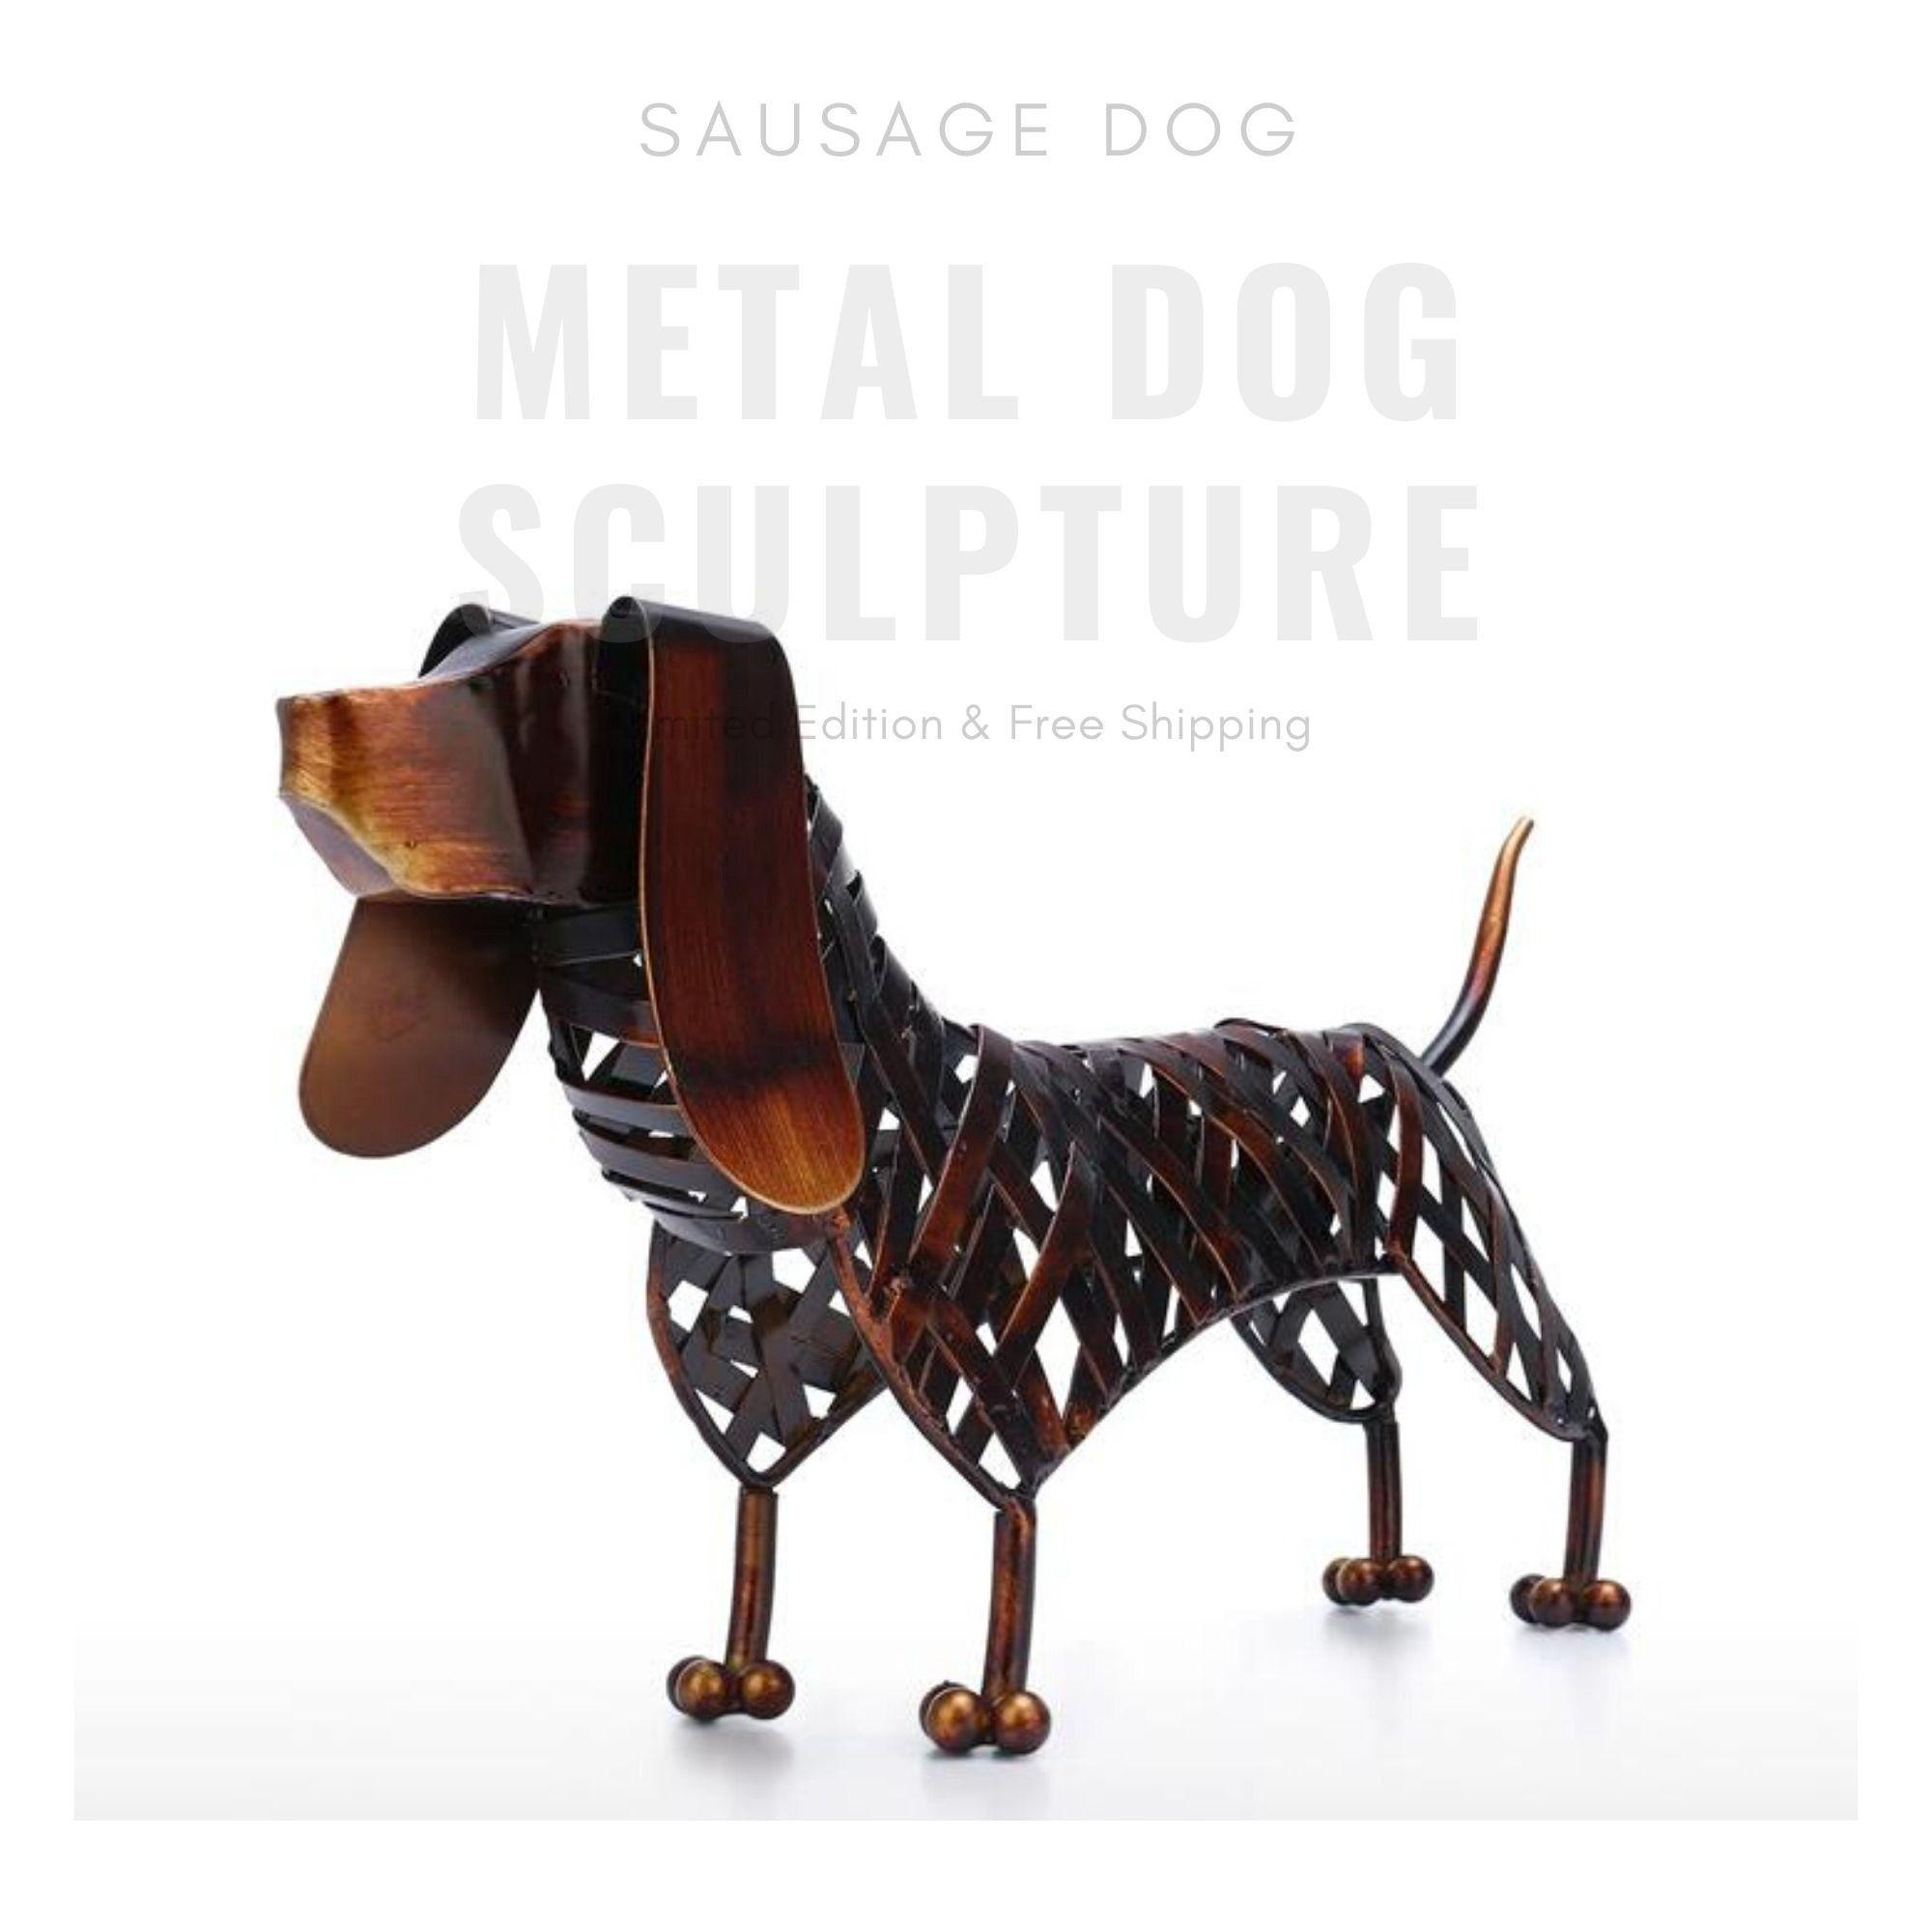 Sauge Dog Gifts We Make Selection And Creativity Easier For You Dog Gifts Sausage Dog Gift Dog Sculpture